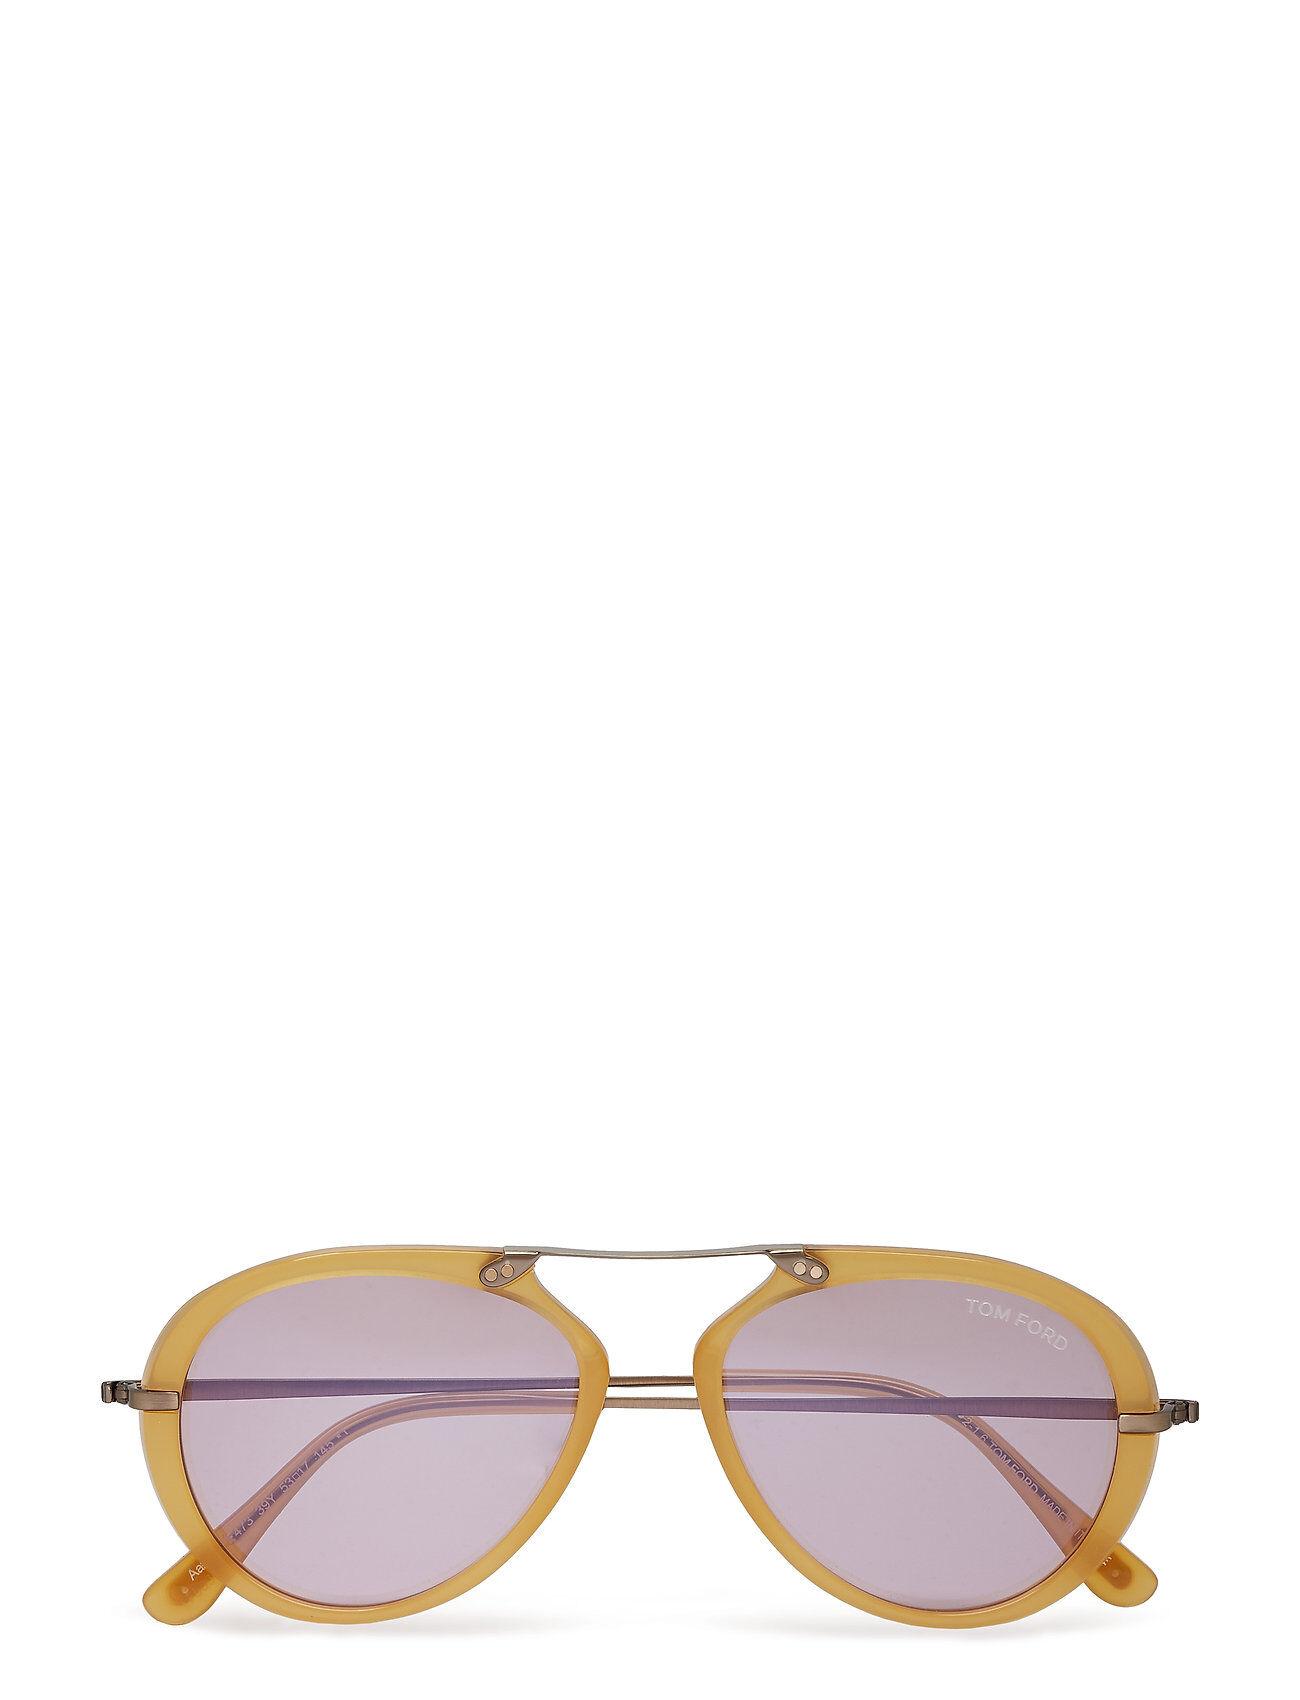 Image of Tom Ford Sunglasses Tm Ford Aaron Pilottilasit Aurinkolasit Kulta